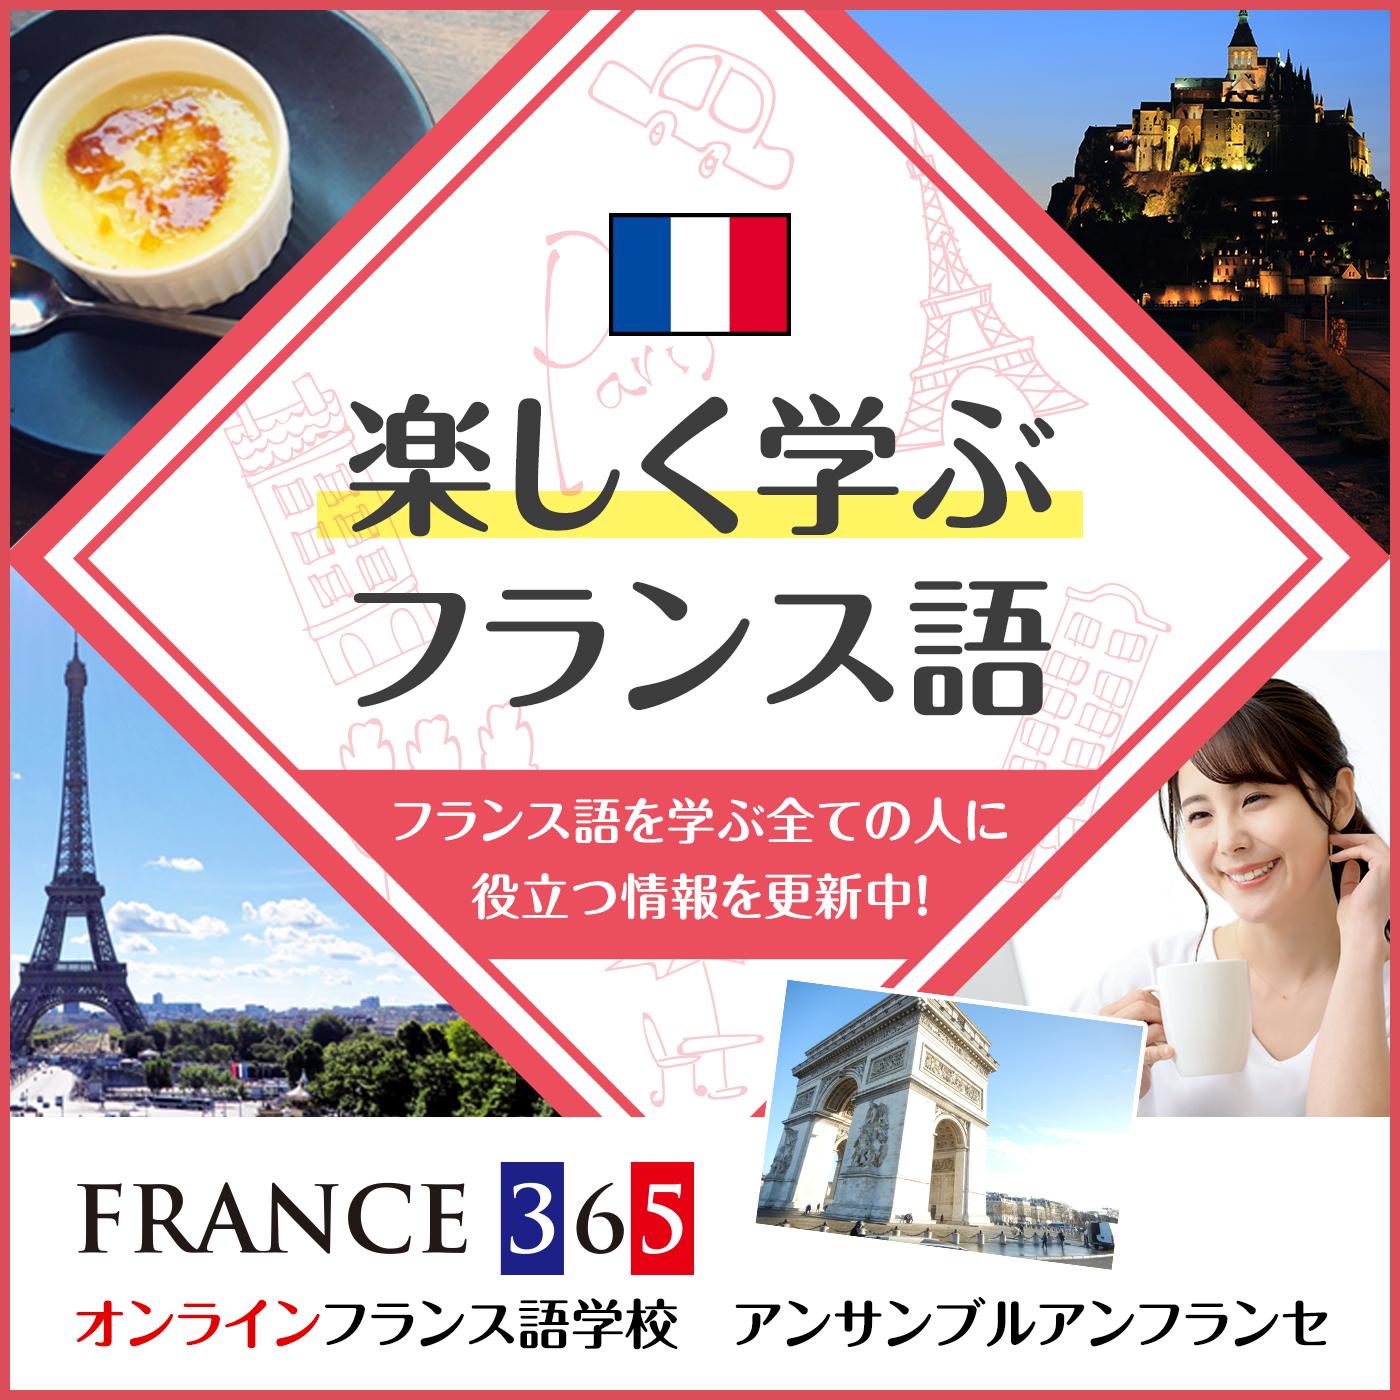 「楽しく学ぶフランス語」FRANCE 365